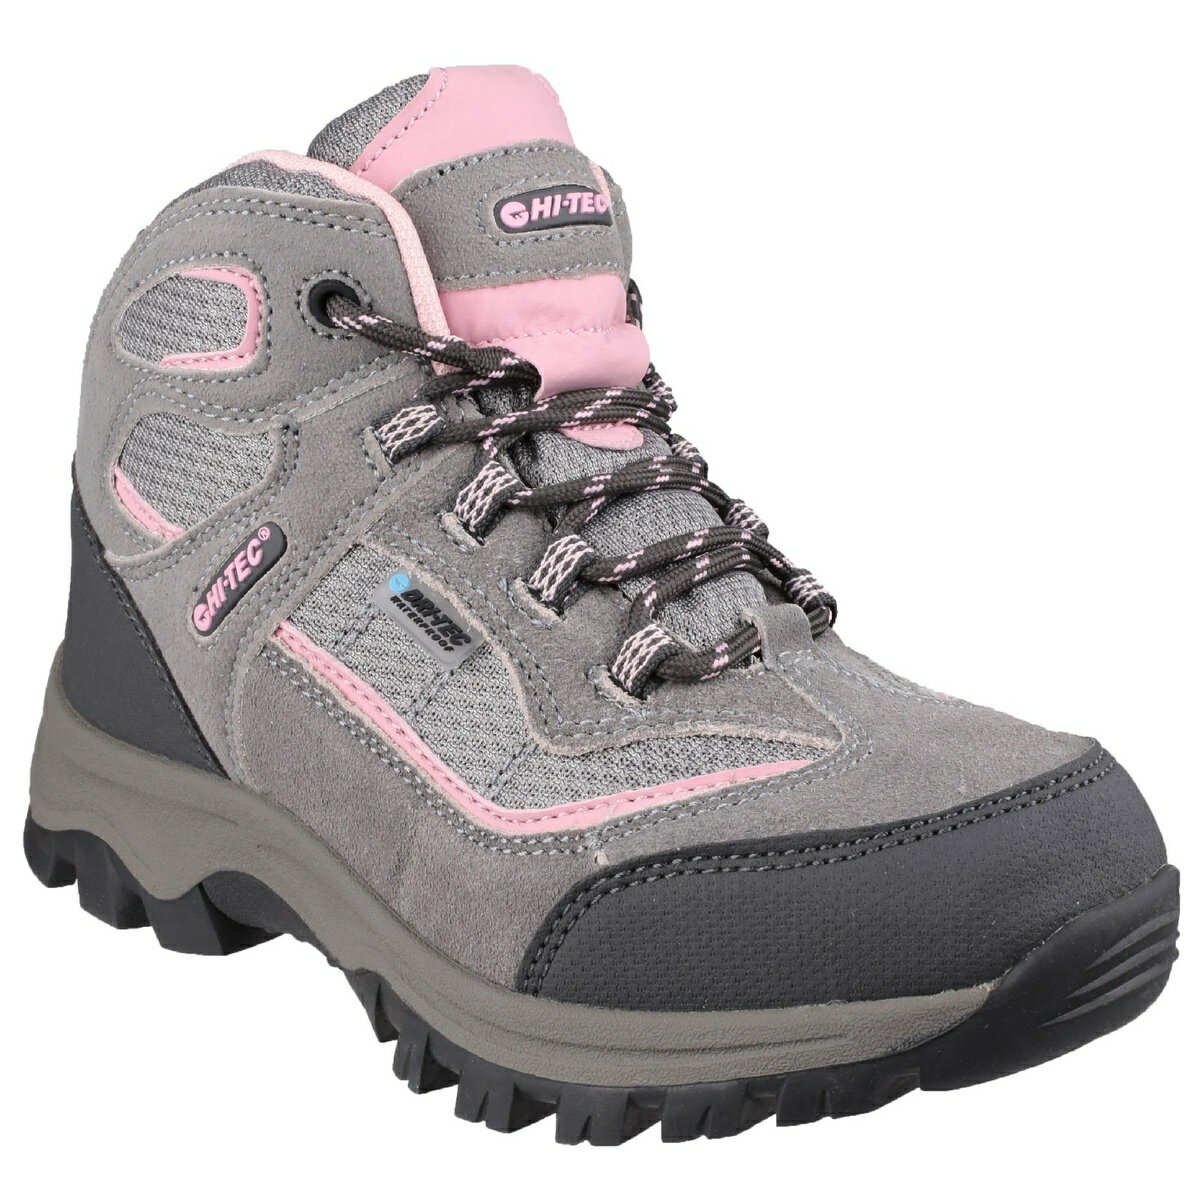 (ハイテック) HI-TEC キッズ・子供・ジュニア ヒルサイド WP ウォーキングブーツ 子供靴 カジュアルシューズ アウトドアブーツ